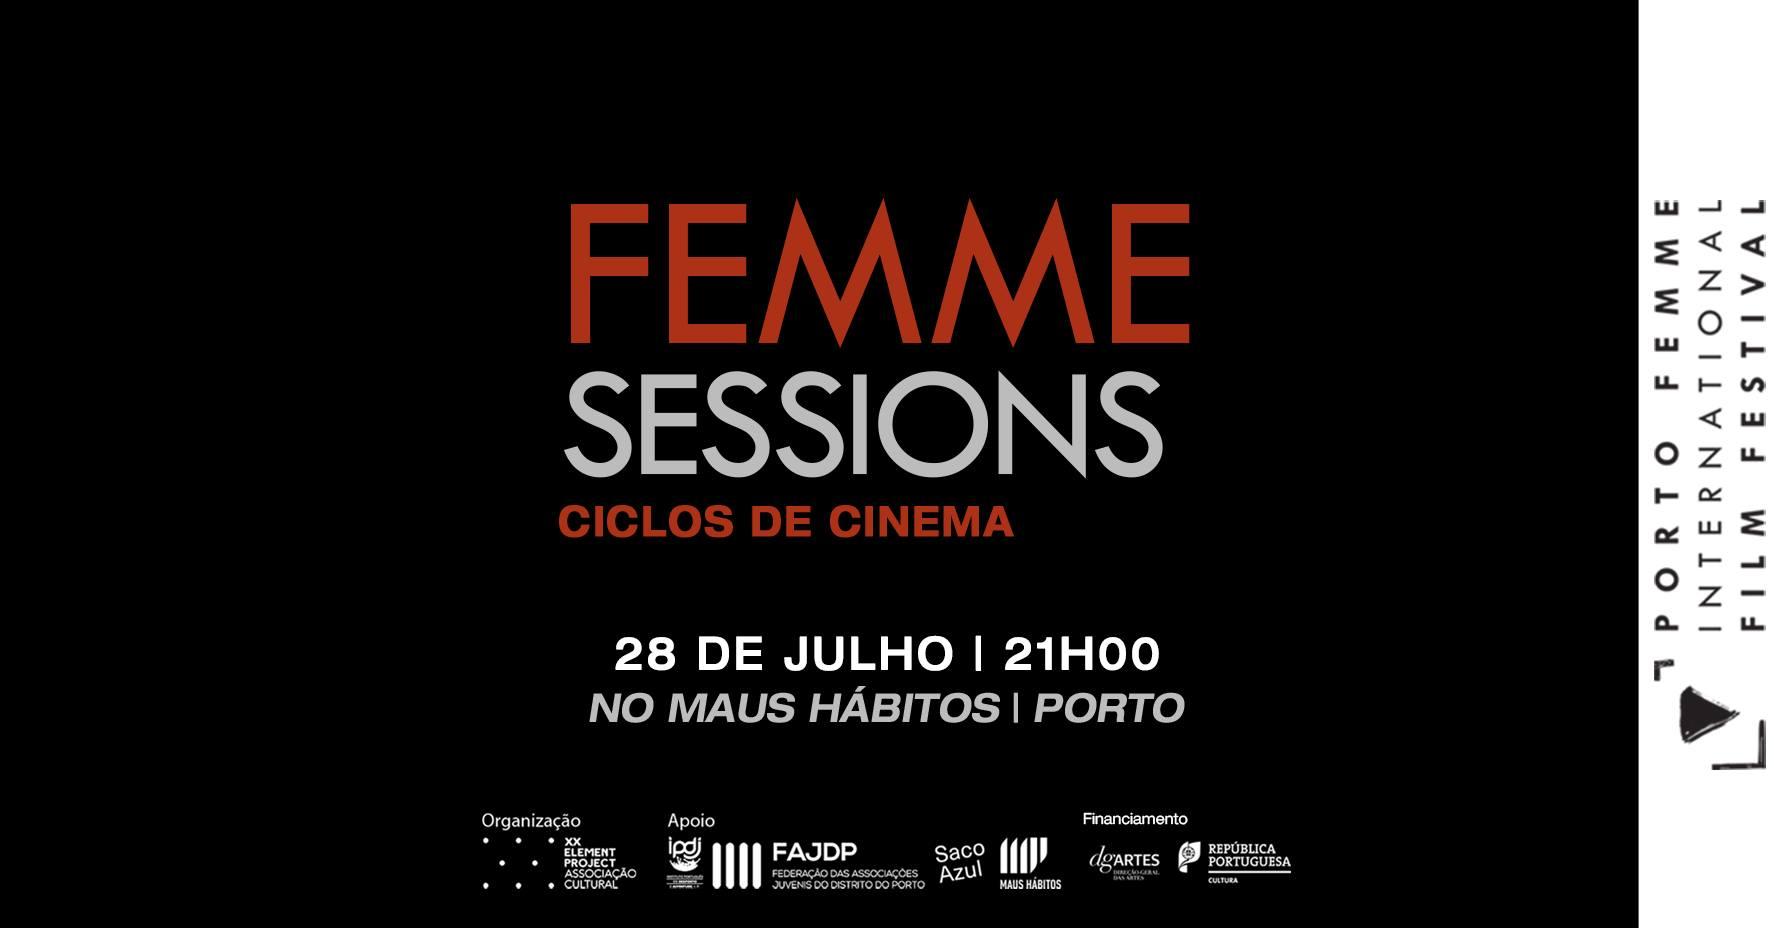 FEMME Sessions #39| Maus Hábitos